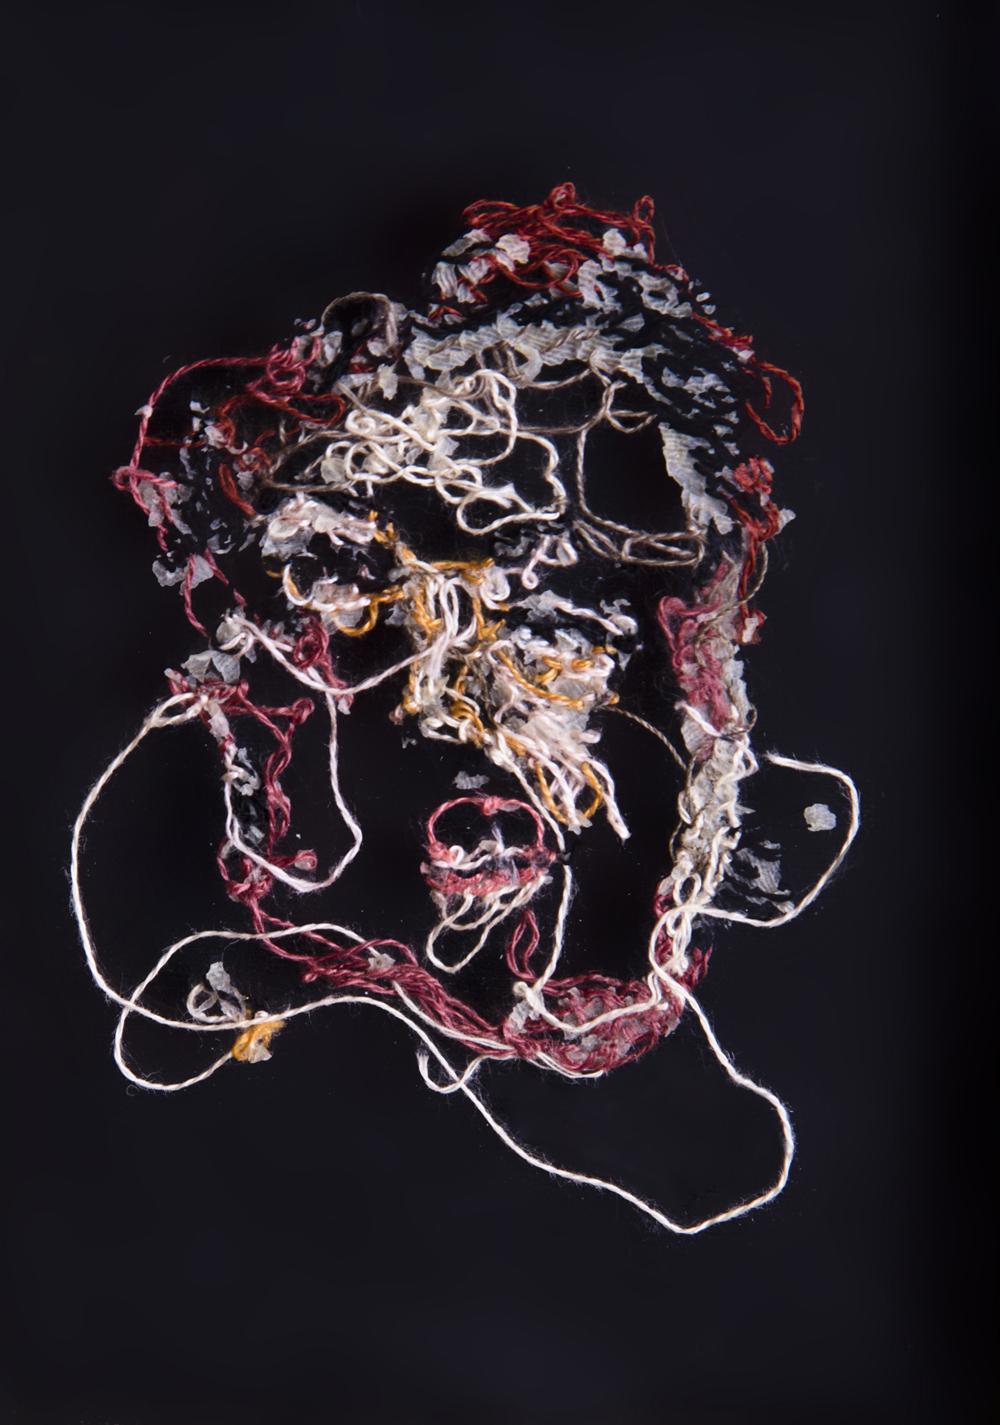 Tía Cuca A flor de piel, 14. 10x15 cm. Fotografía, hilo y piel. 2013